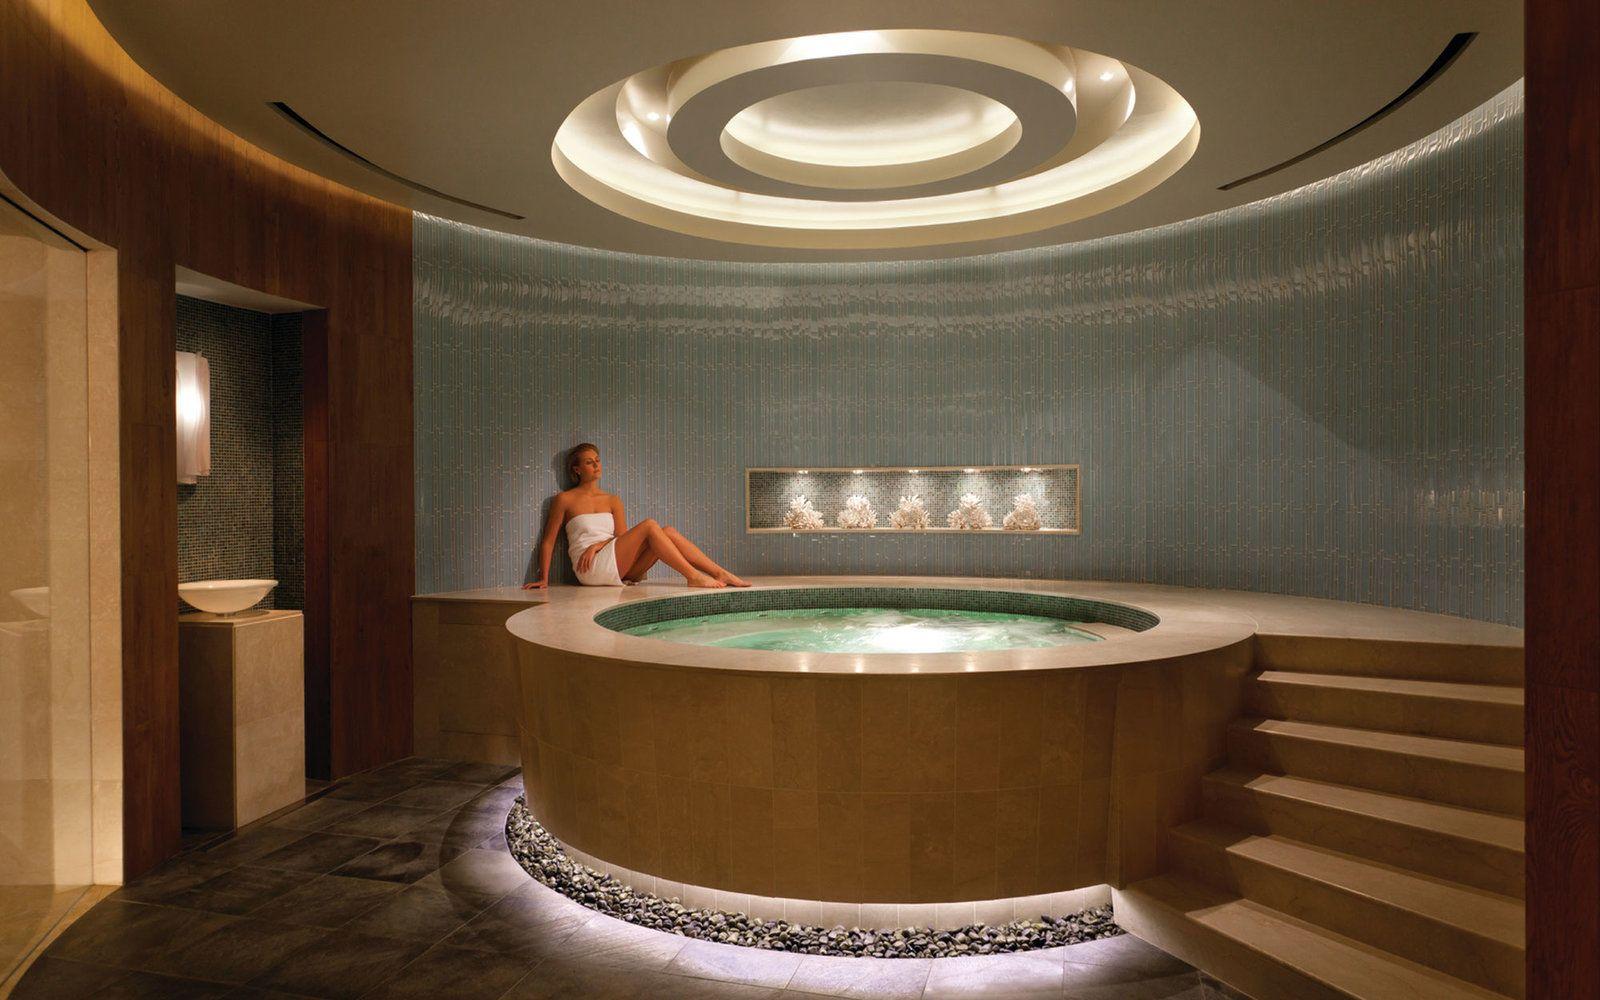 How To Detox In Denver Spa Hot Tubs Denver Hotels Luxury Hot Tubs